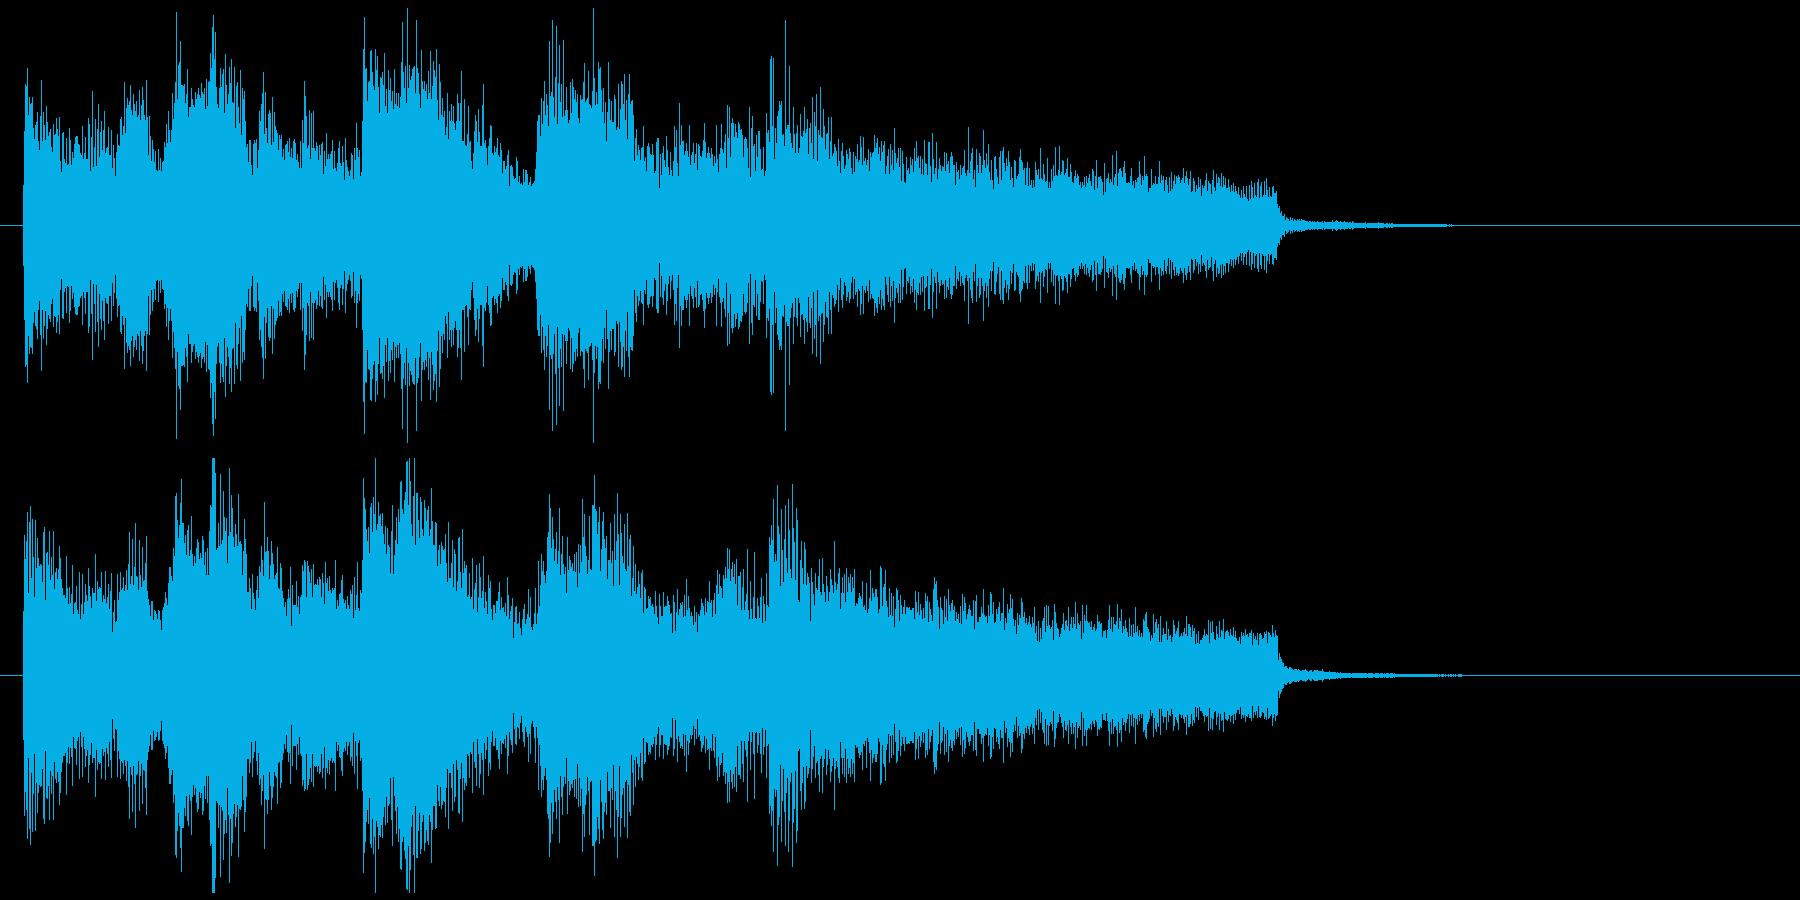 爽やかボサノバサックスの滑らかジングルの再生済みの波形